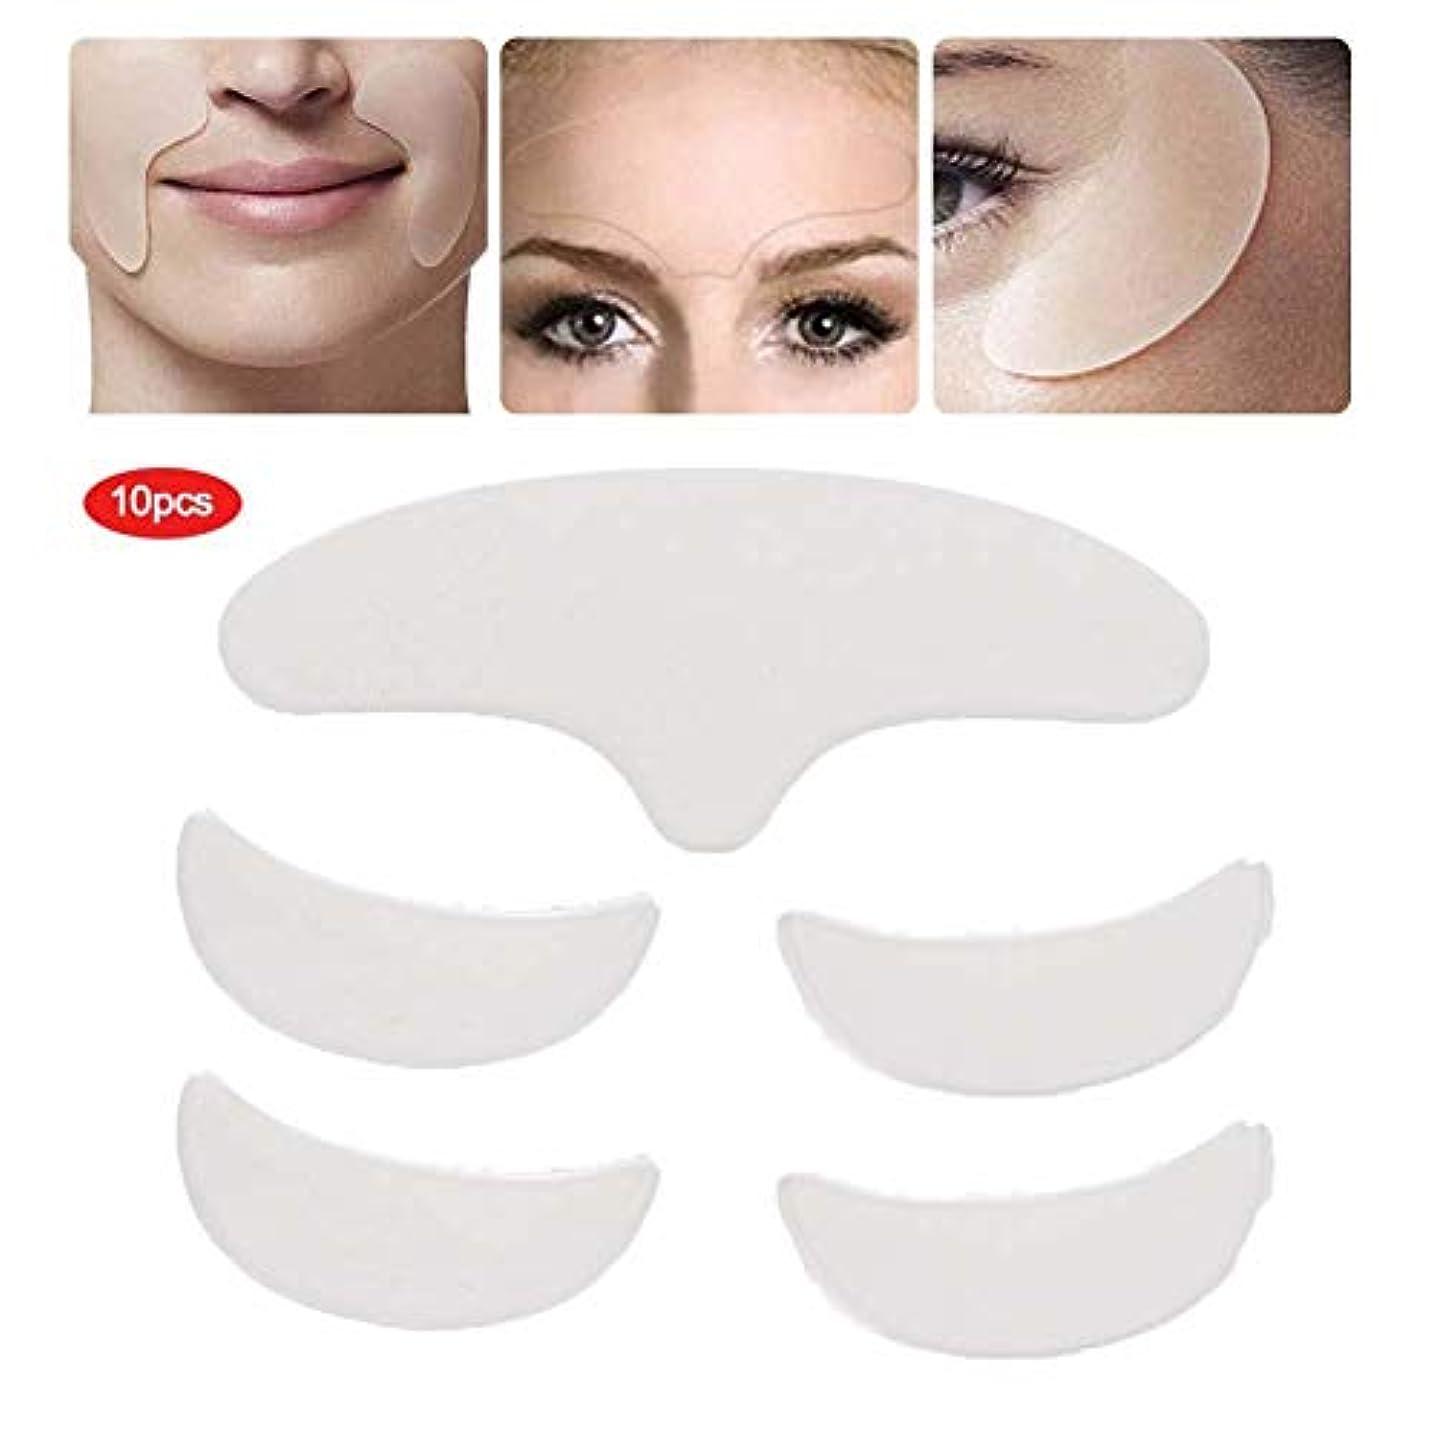 盗賊ショッピングセンター書き出す目の顔の額のための5個のシリコンリンクルパッド